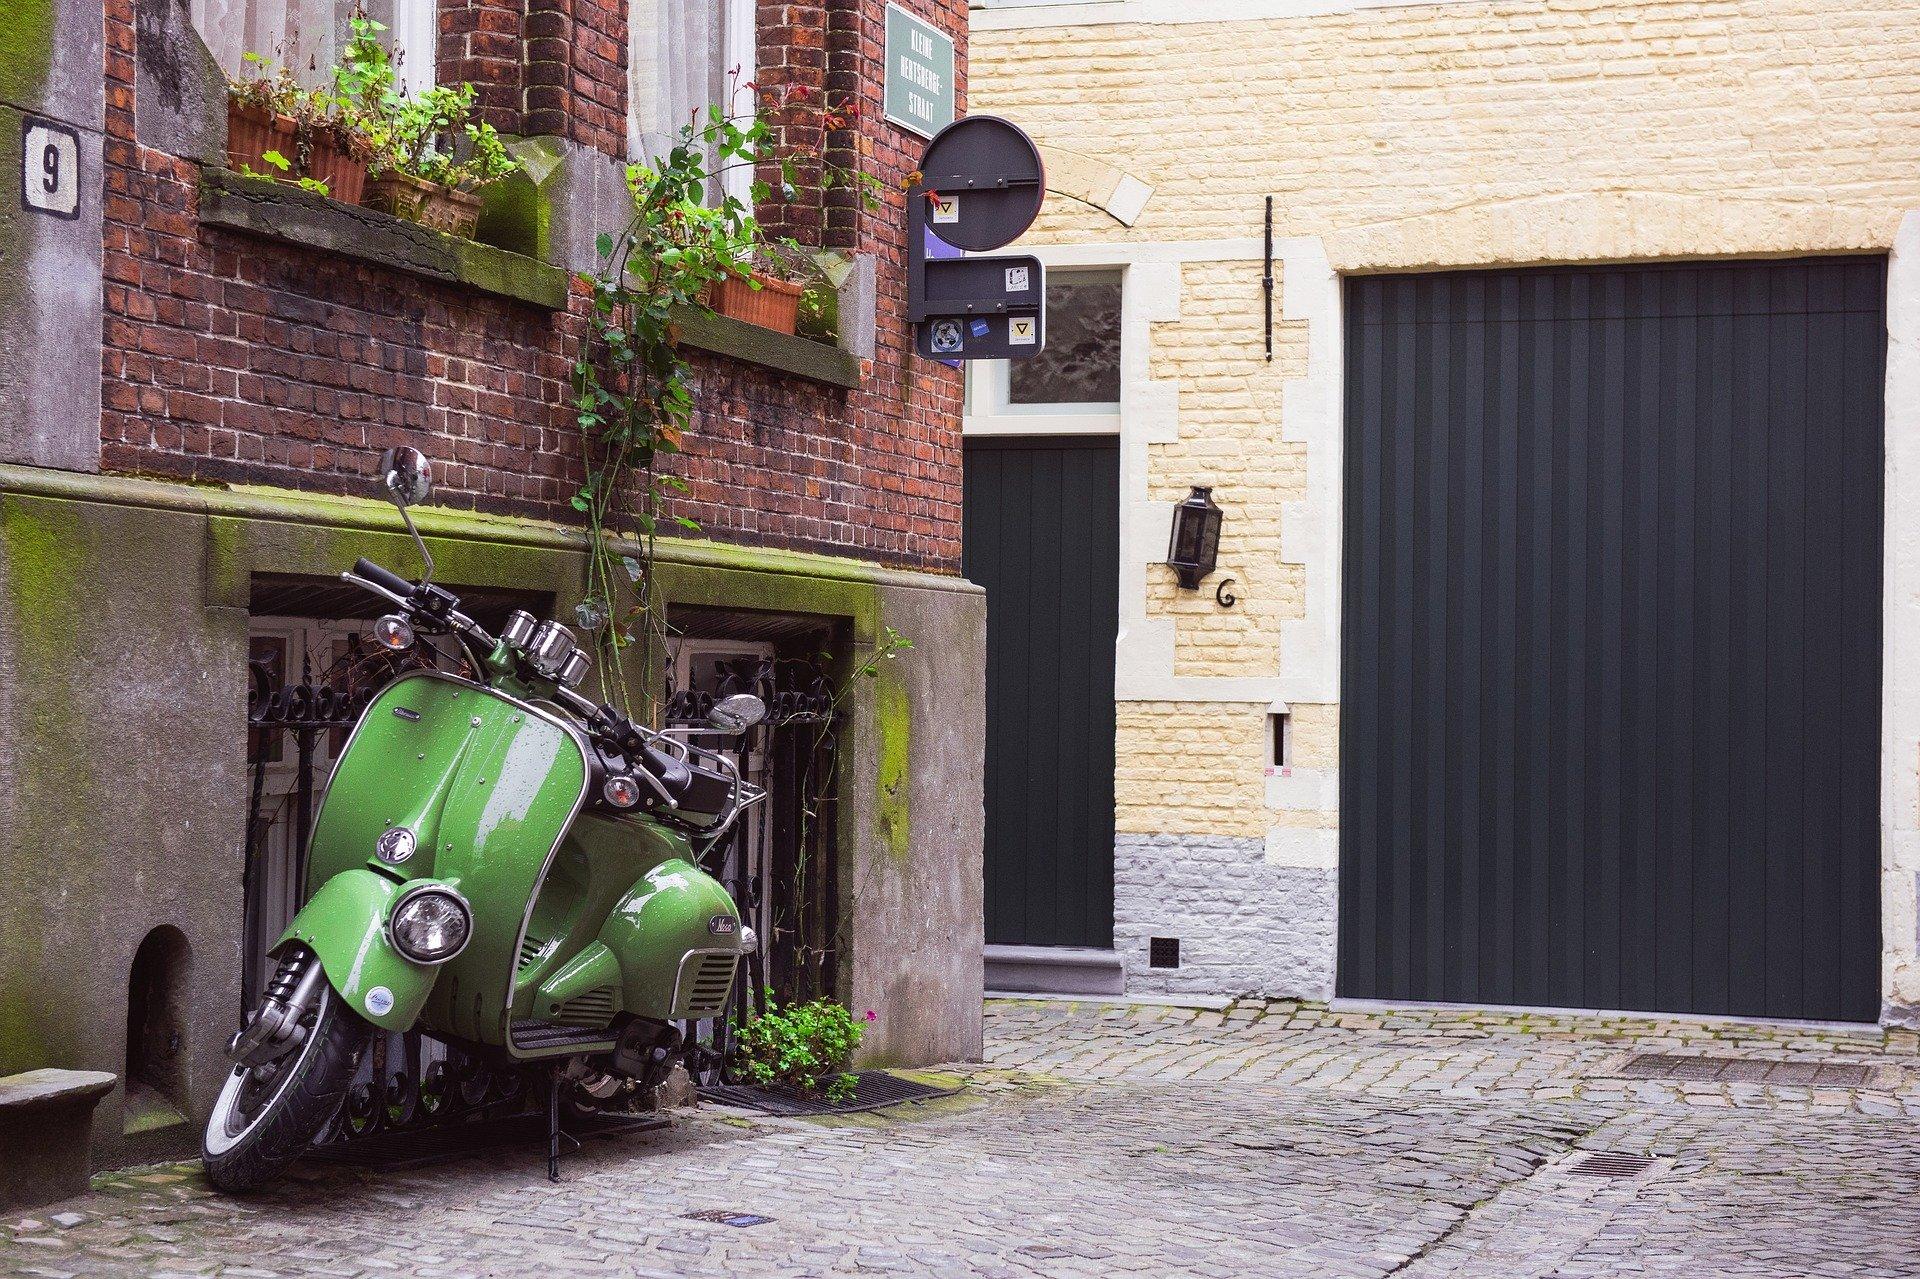 Voordelen nadelen deelscooters